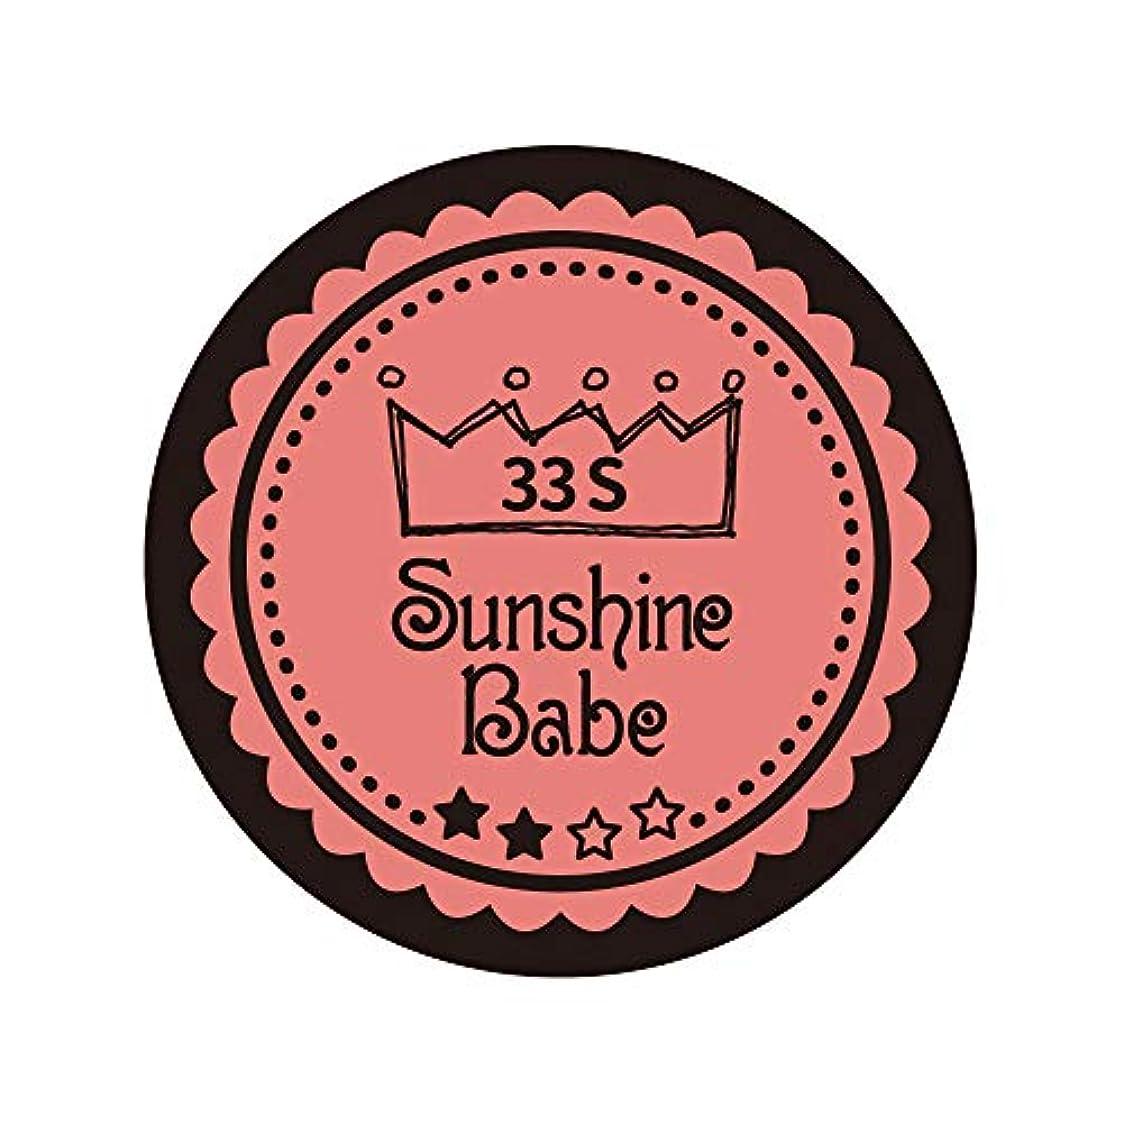 食べる個人外観Sunshine Babe カラージェル 33S ベイクドコーラルピンク 4g UV/LED対応